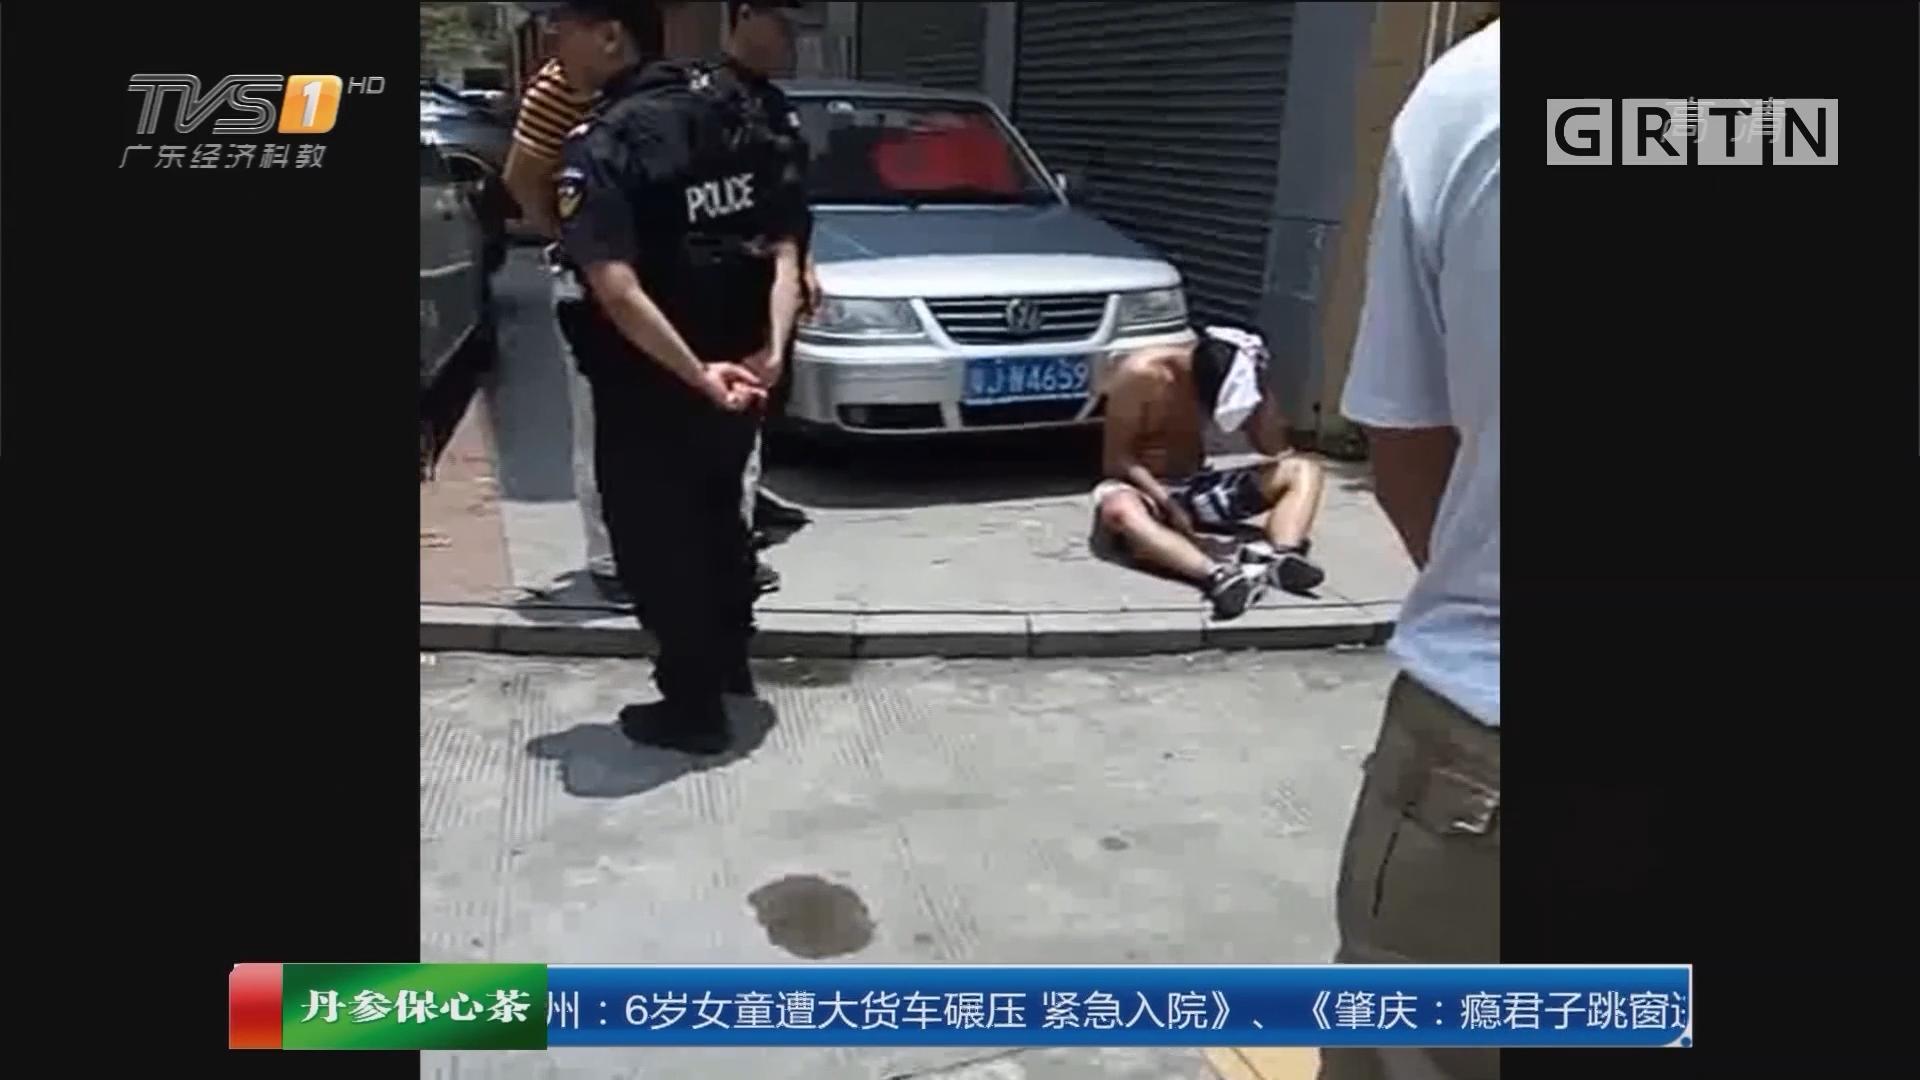 江门恩平:男子涉嫌偷车被当街追打 已被行拘